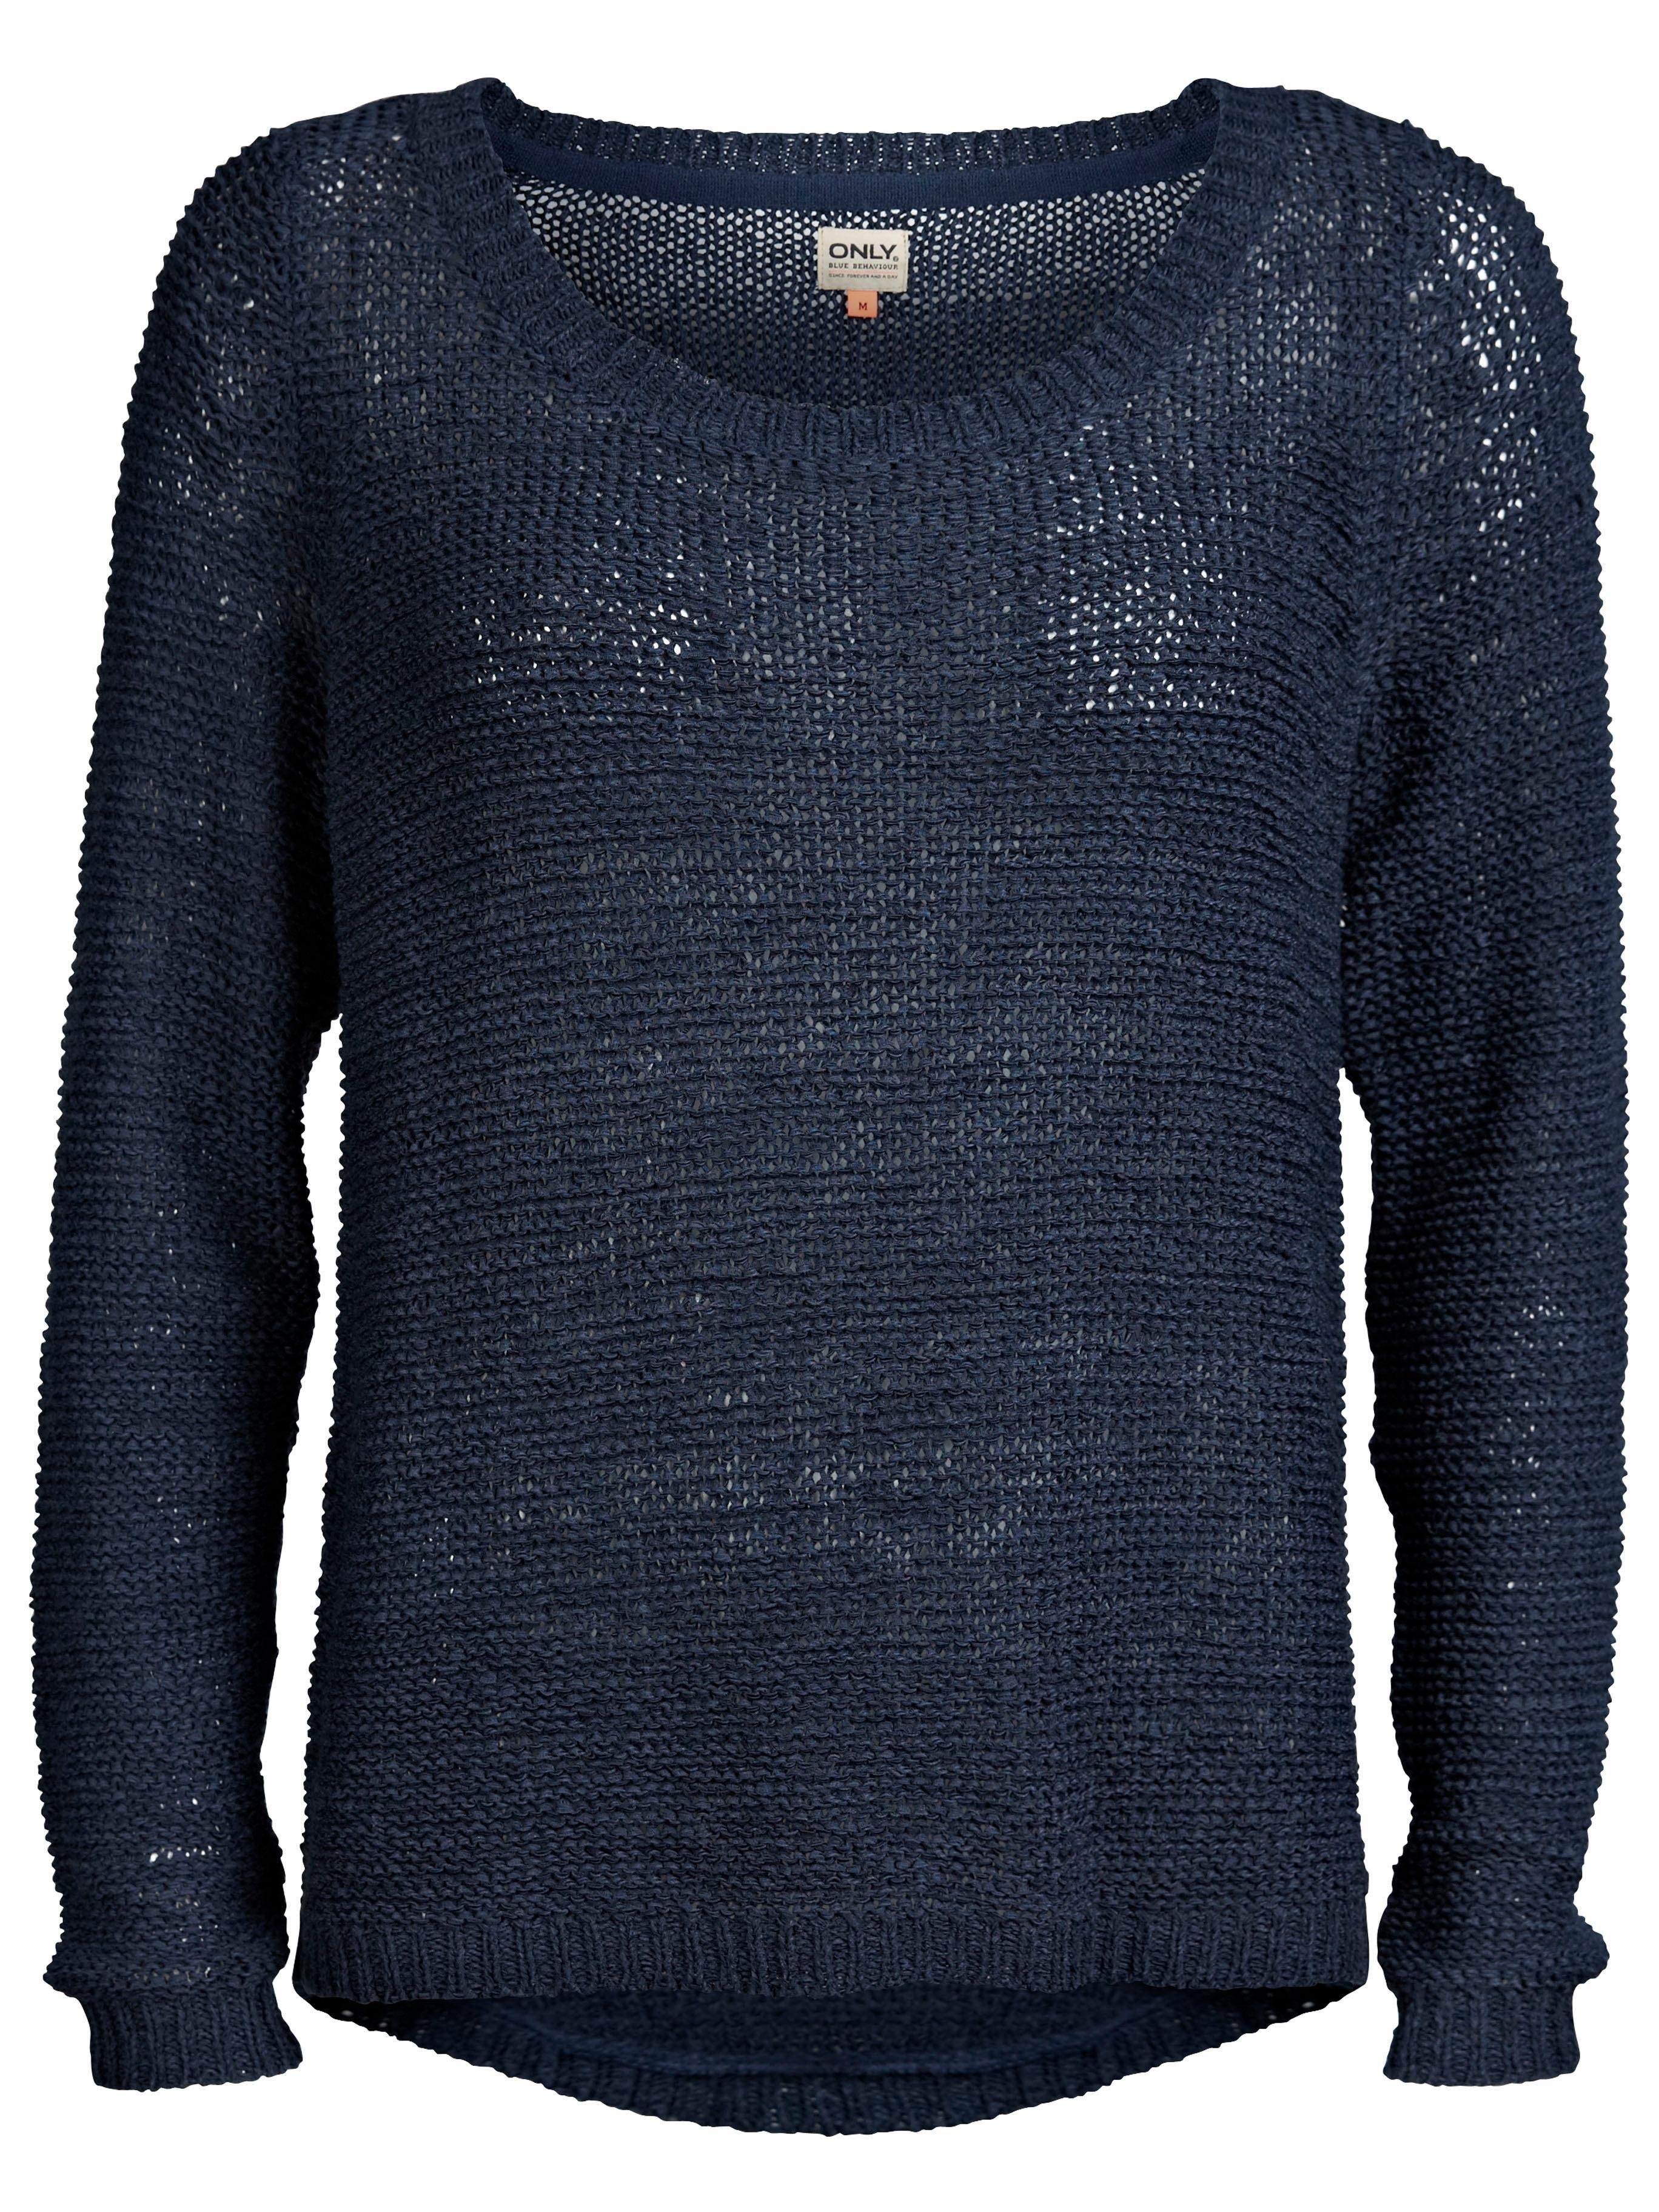 ONLY gebreide trui »GEENA« nu online kopen bij OTTO